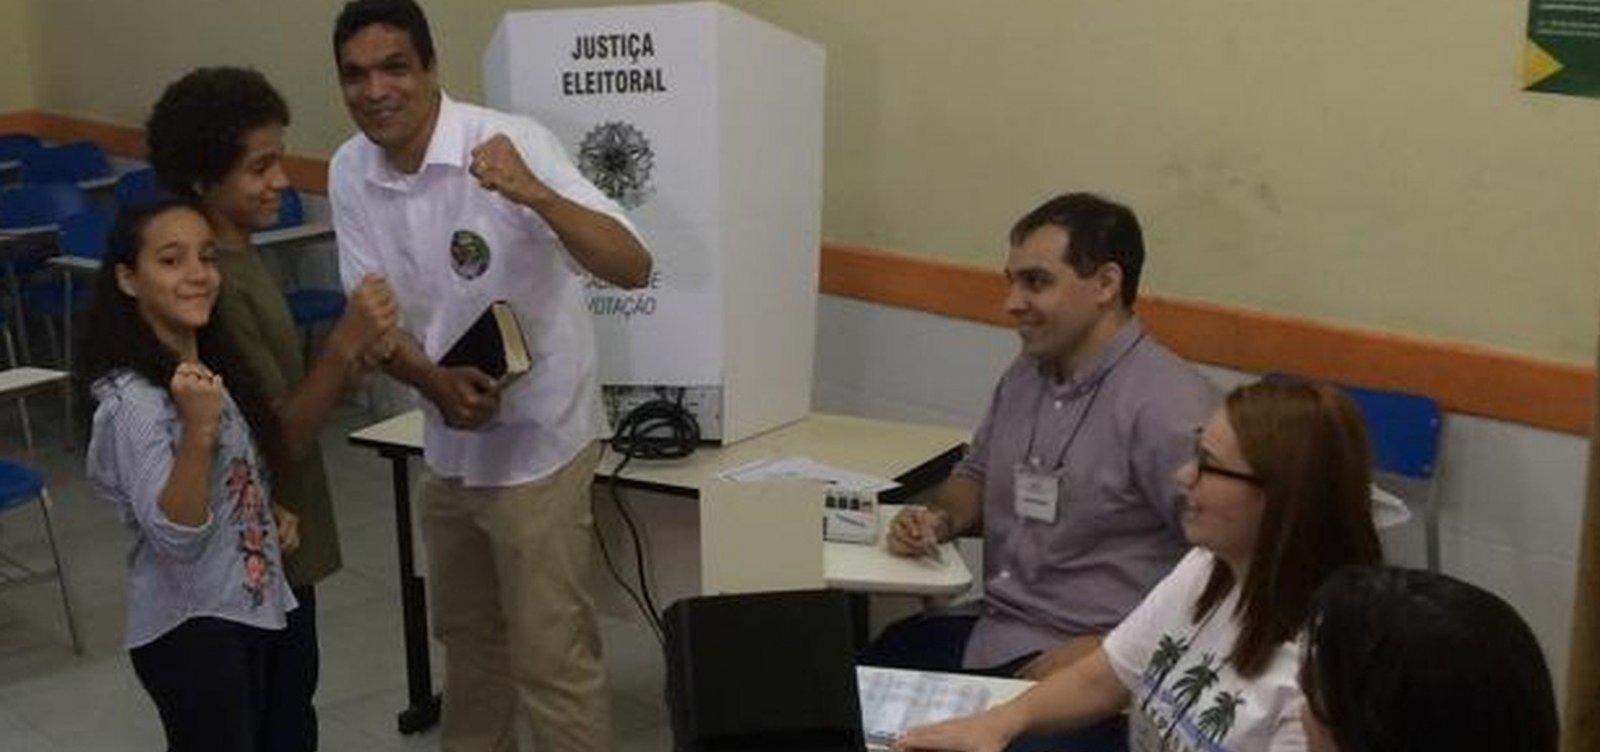 Daciolo vota no RJ e se diz 'decepcionado' com bancada evangélica